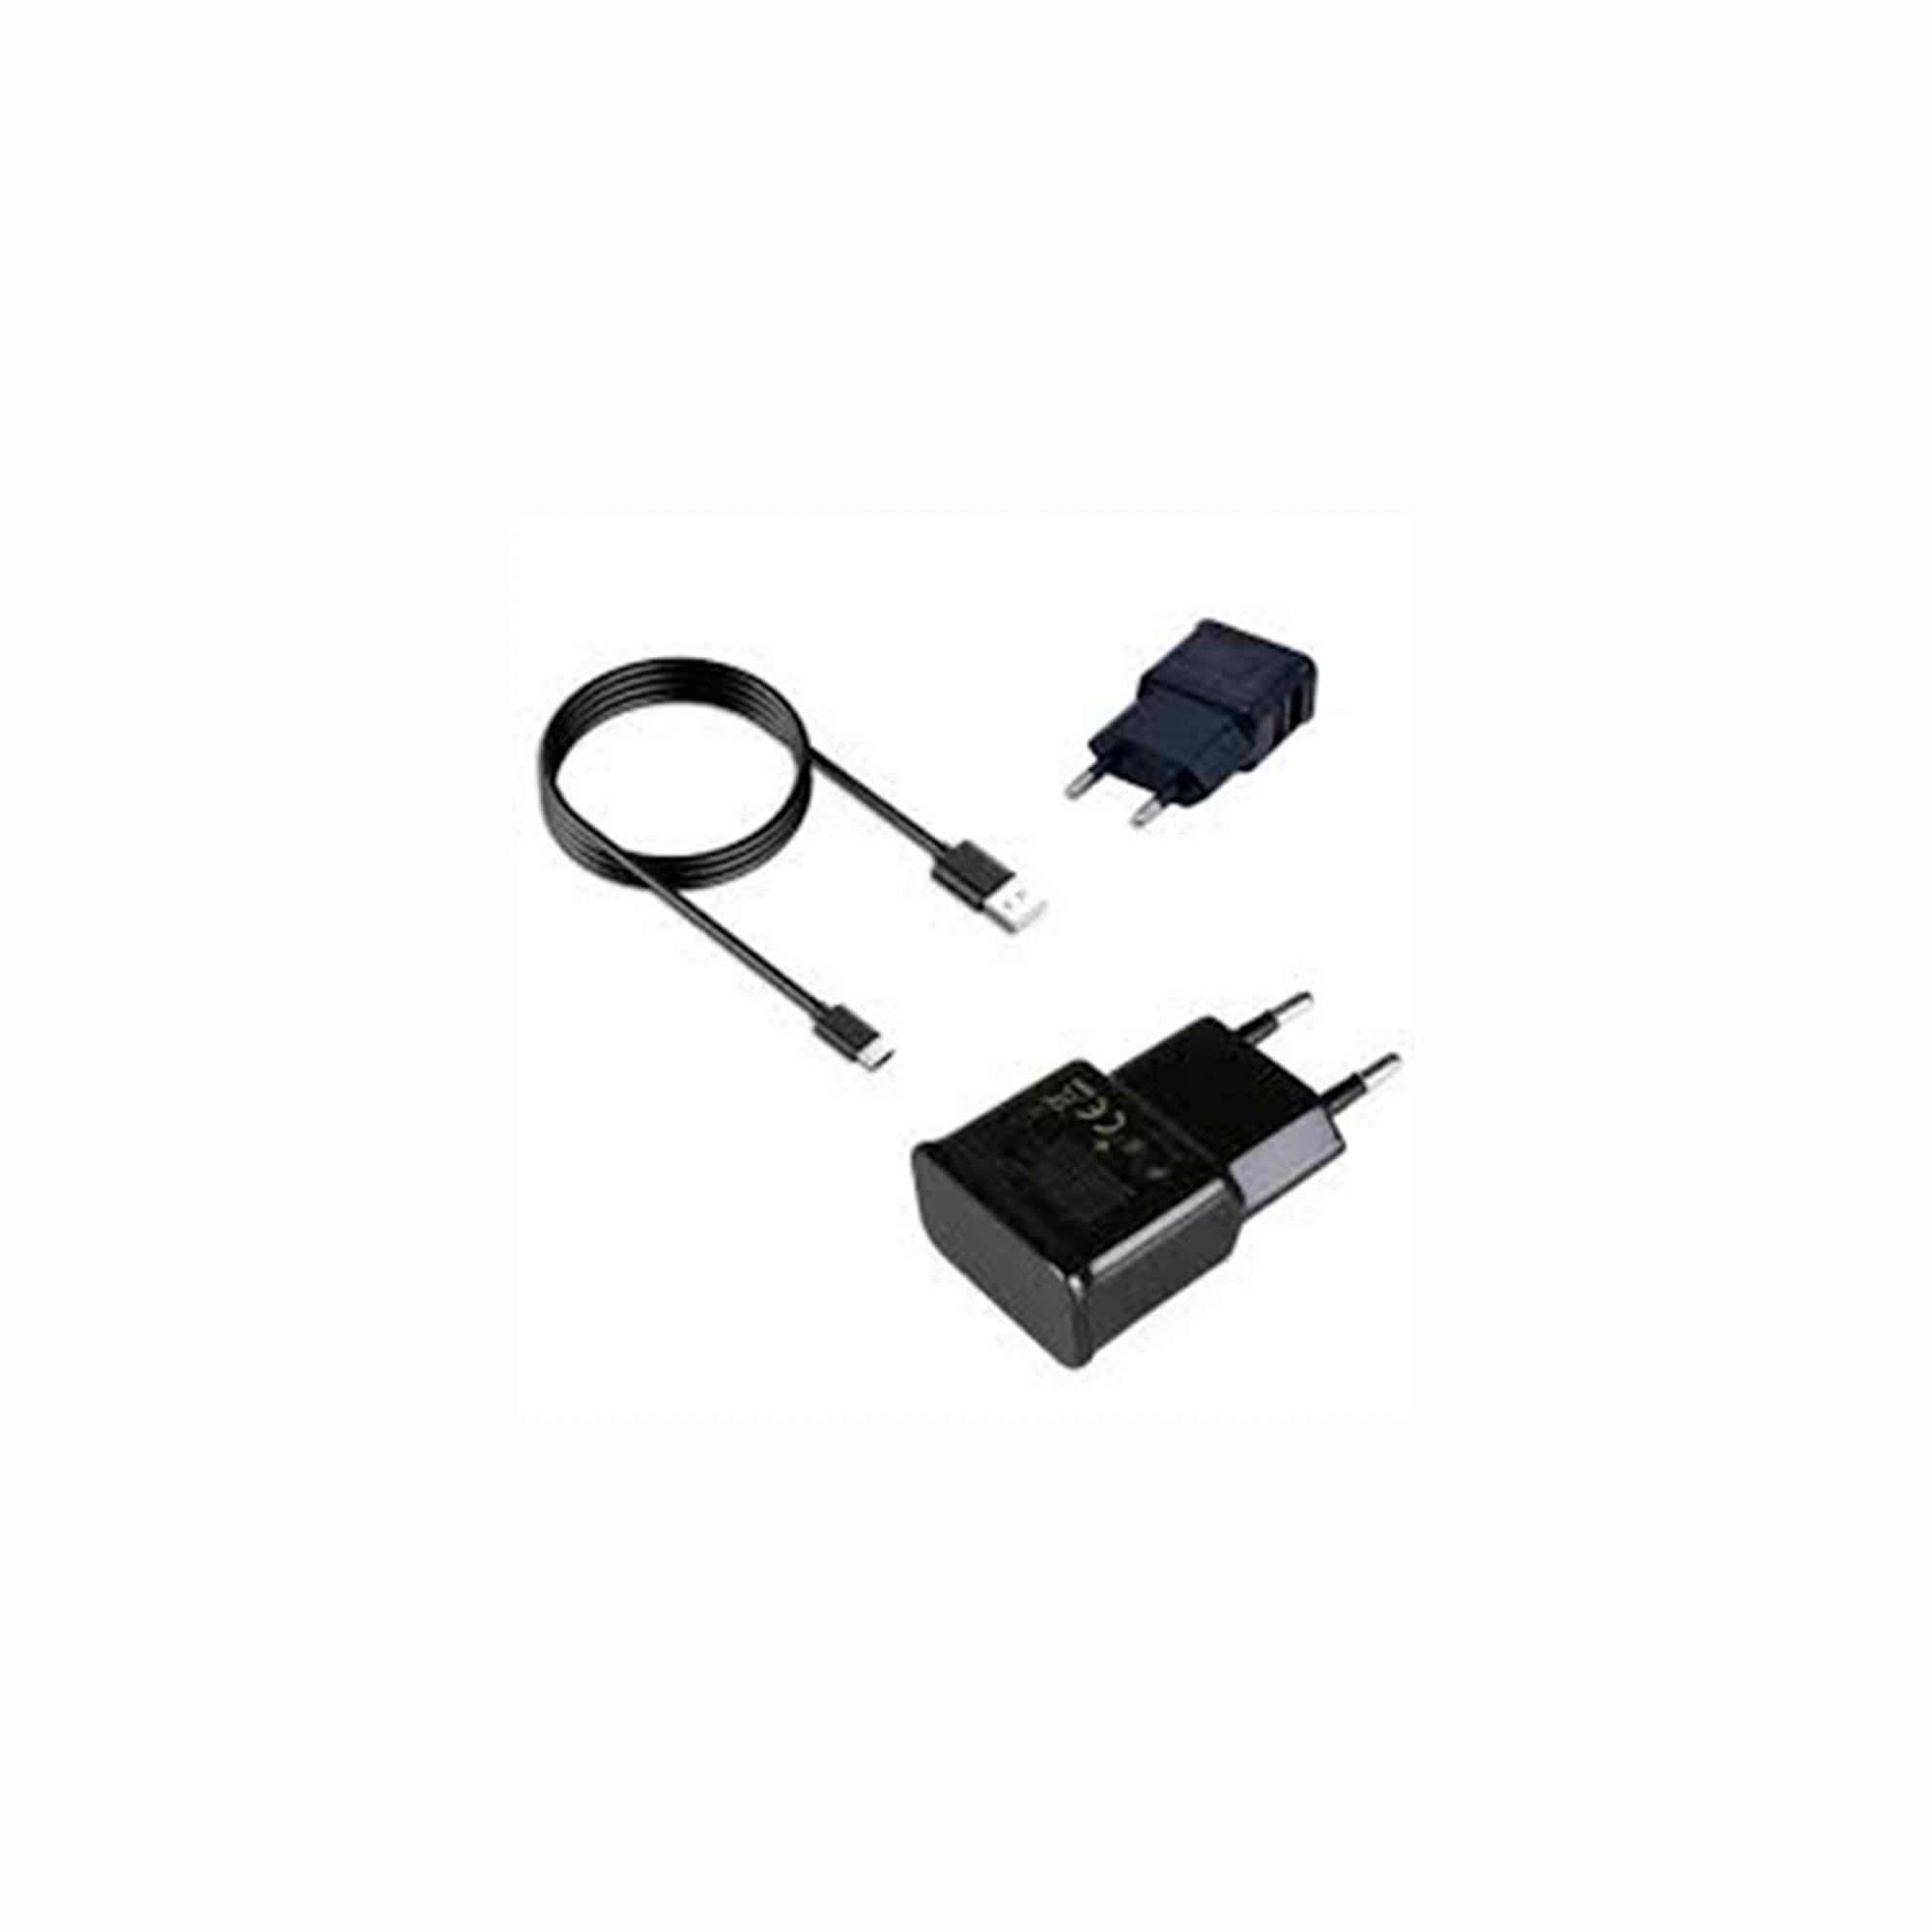 CARREGADOR USB P/ CELULAR 2.1A PRETO